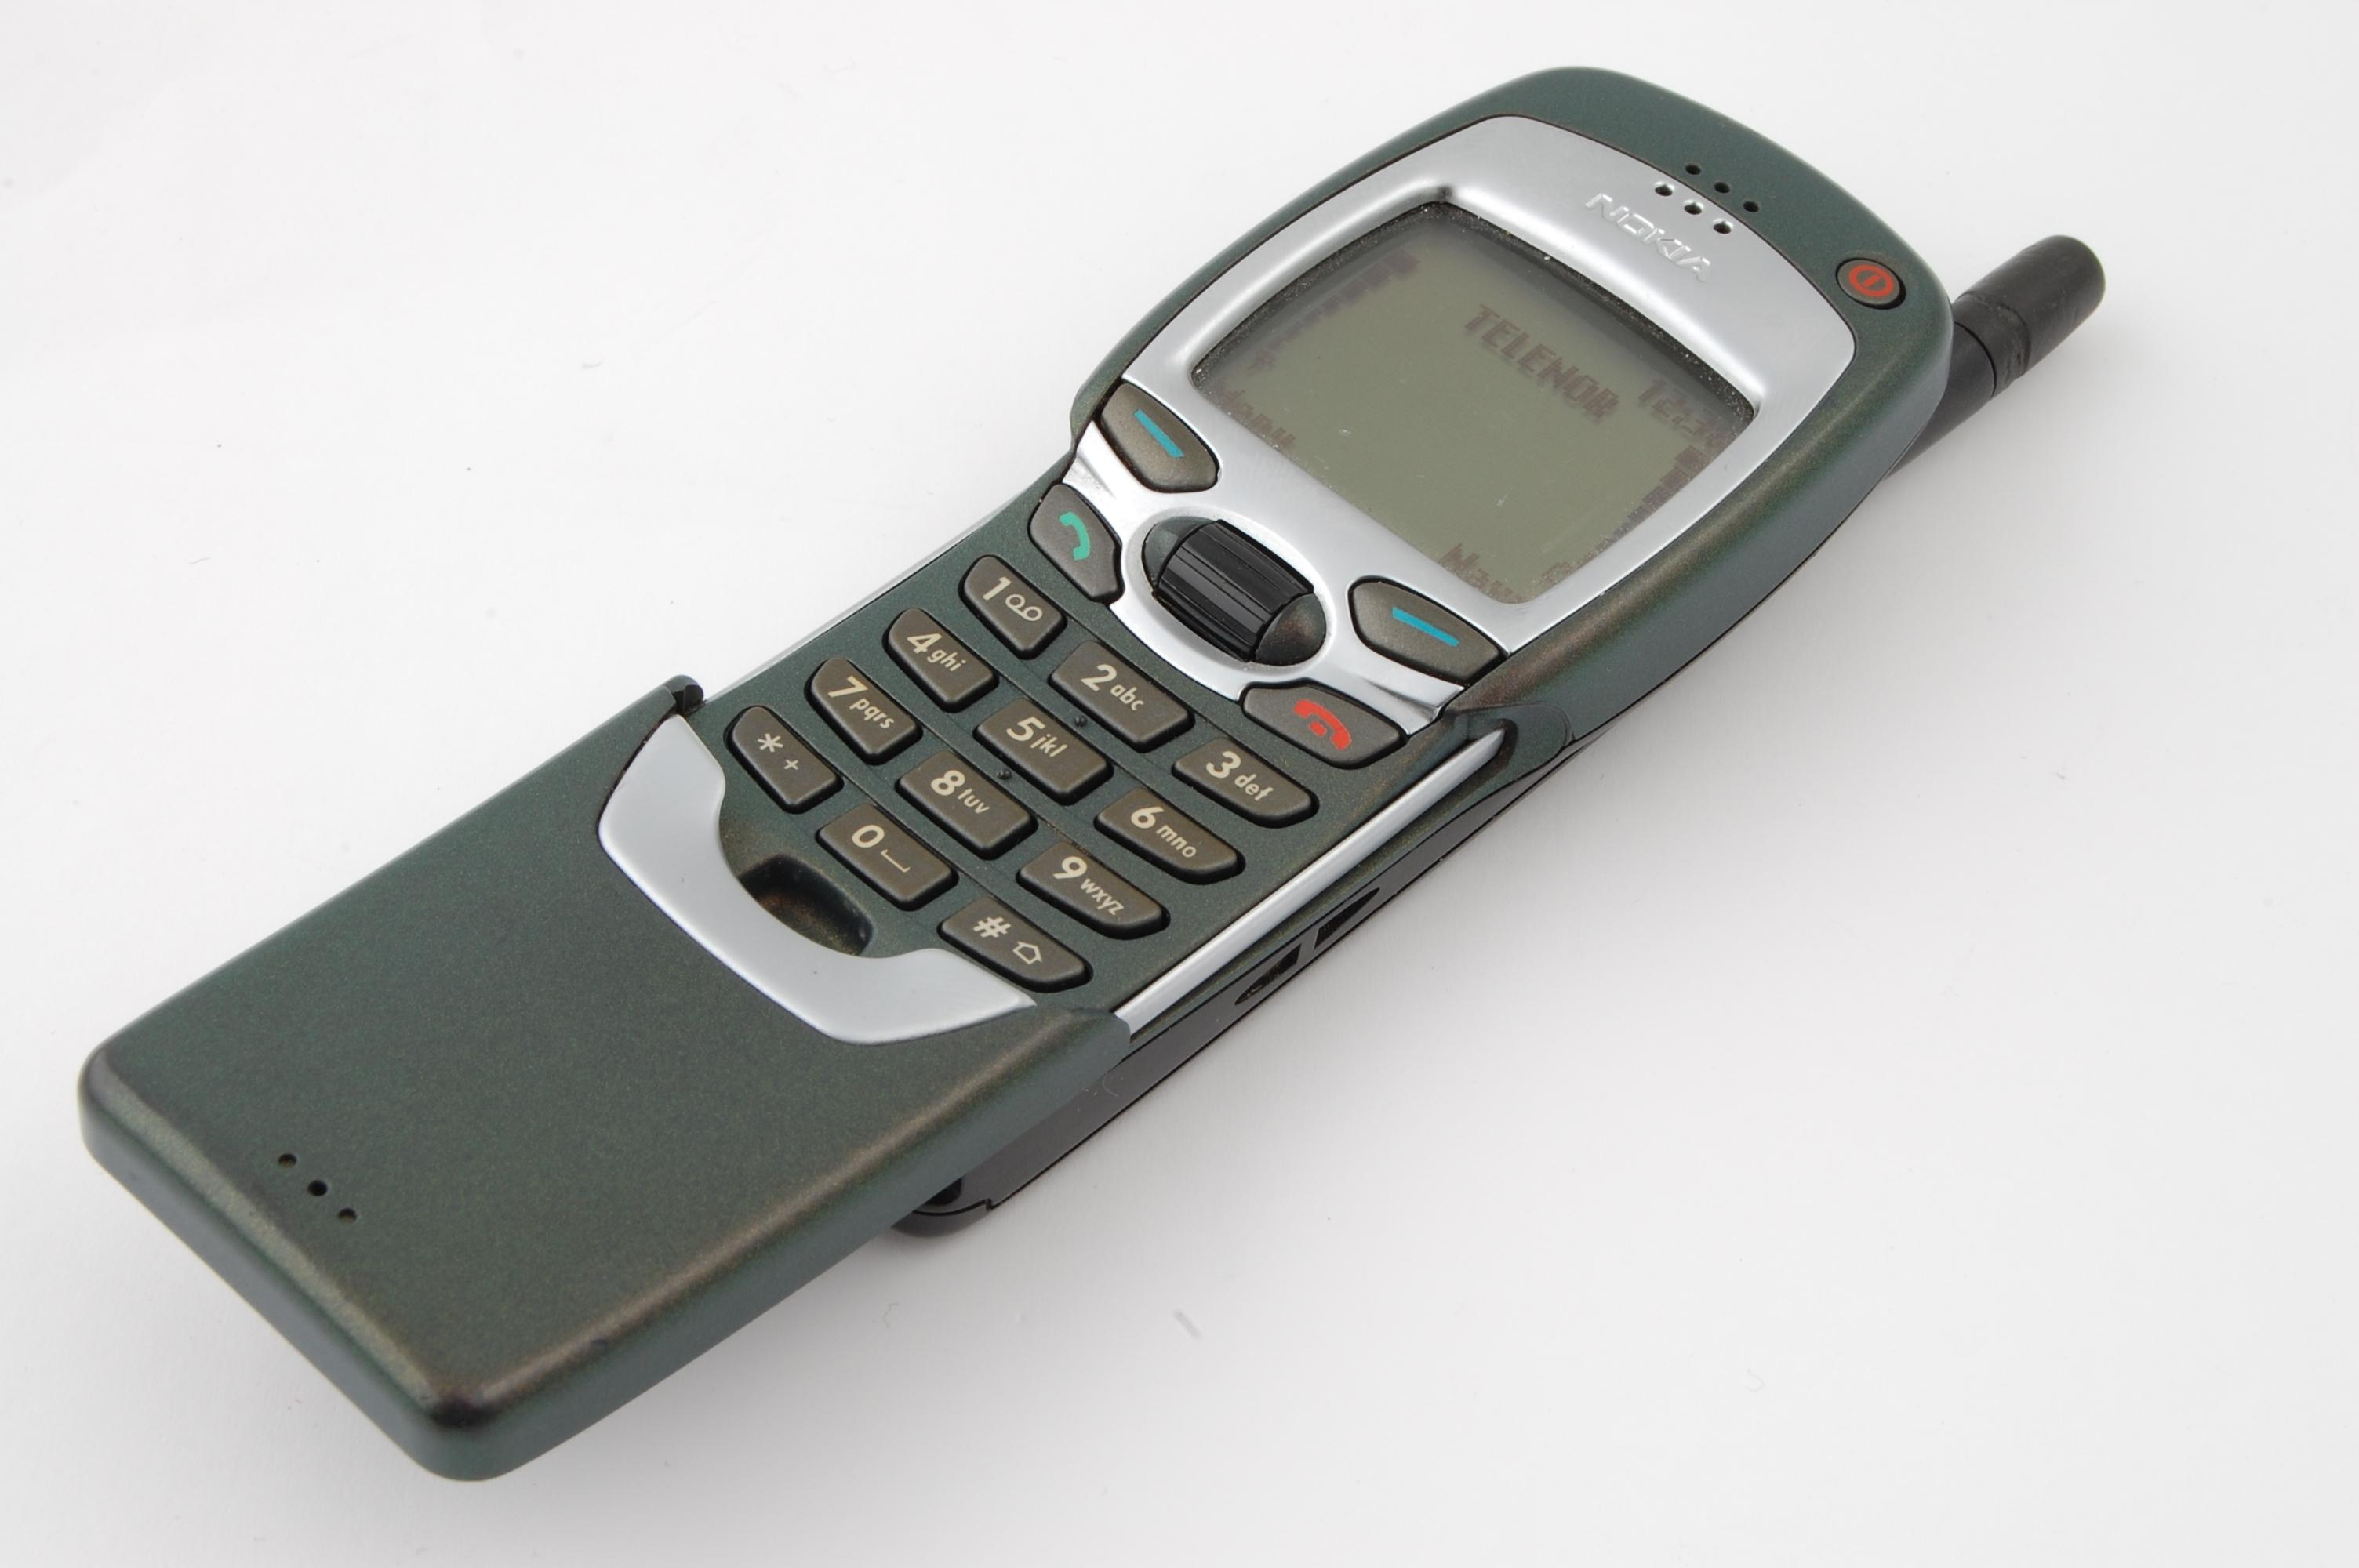 WAP-telefonen Nokia 7110 kostet 9000 kroner på et tidspunkt.Foto: Finn Jarle Kvalheim